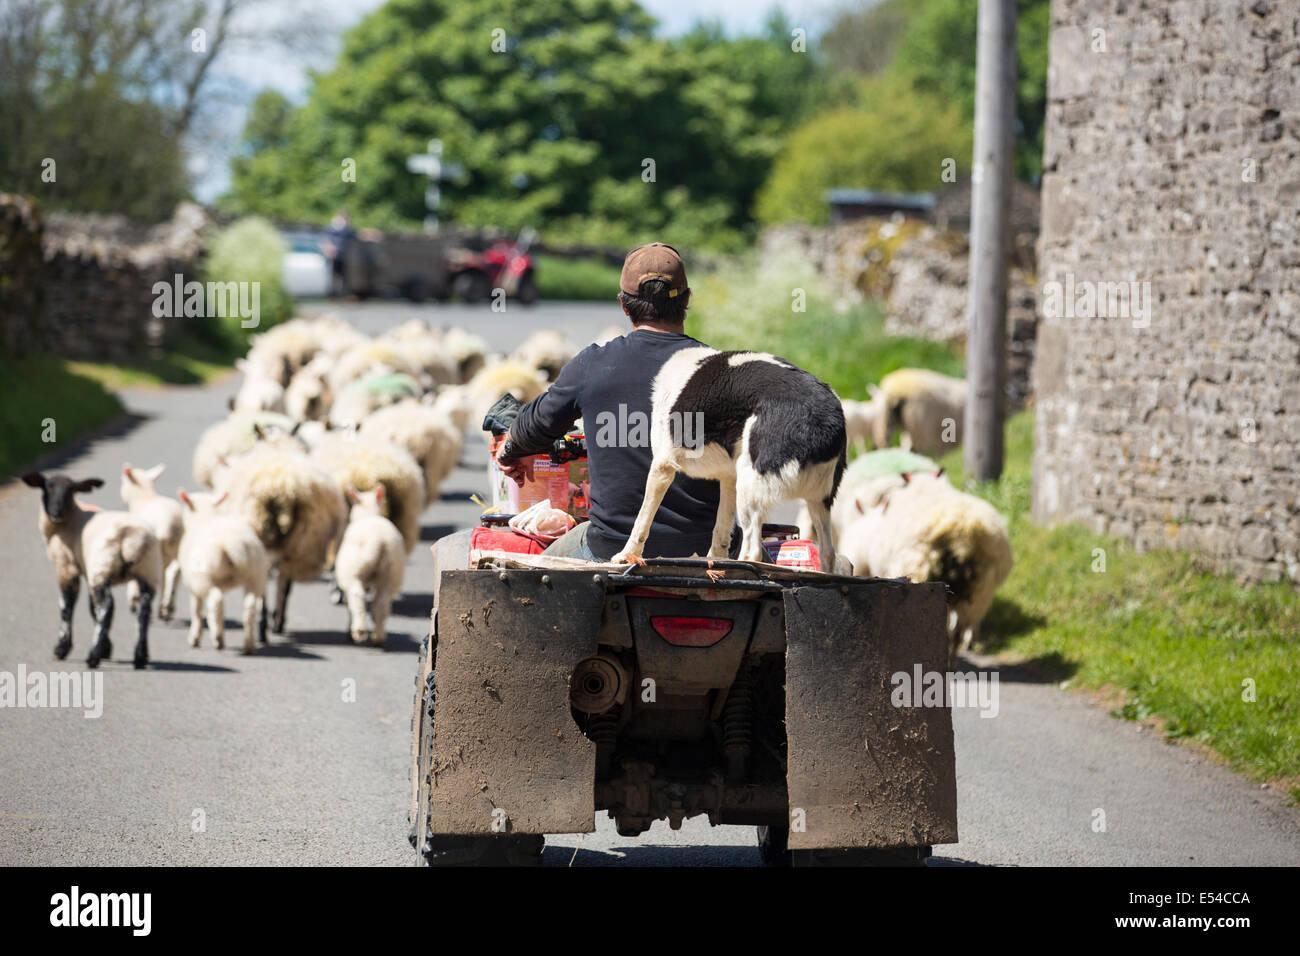 Un agricultor droving ovejas de un quad cerca Haweswater, Lake District, en el Reino Unido. Imagen De Stock